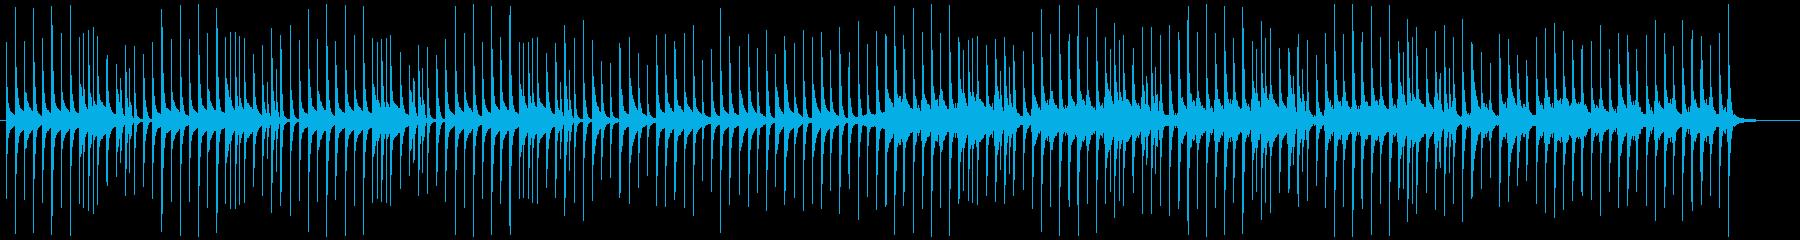 コミカルで可愛い木琴と鉄琴の再生済みの波形